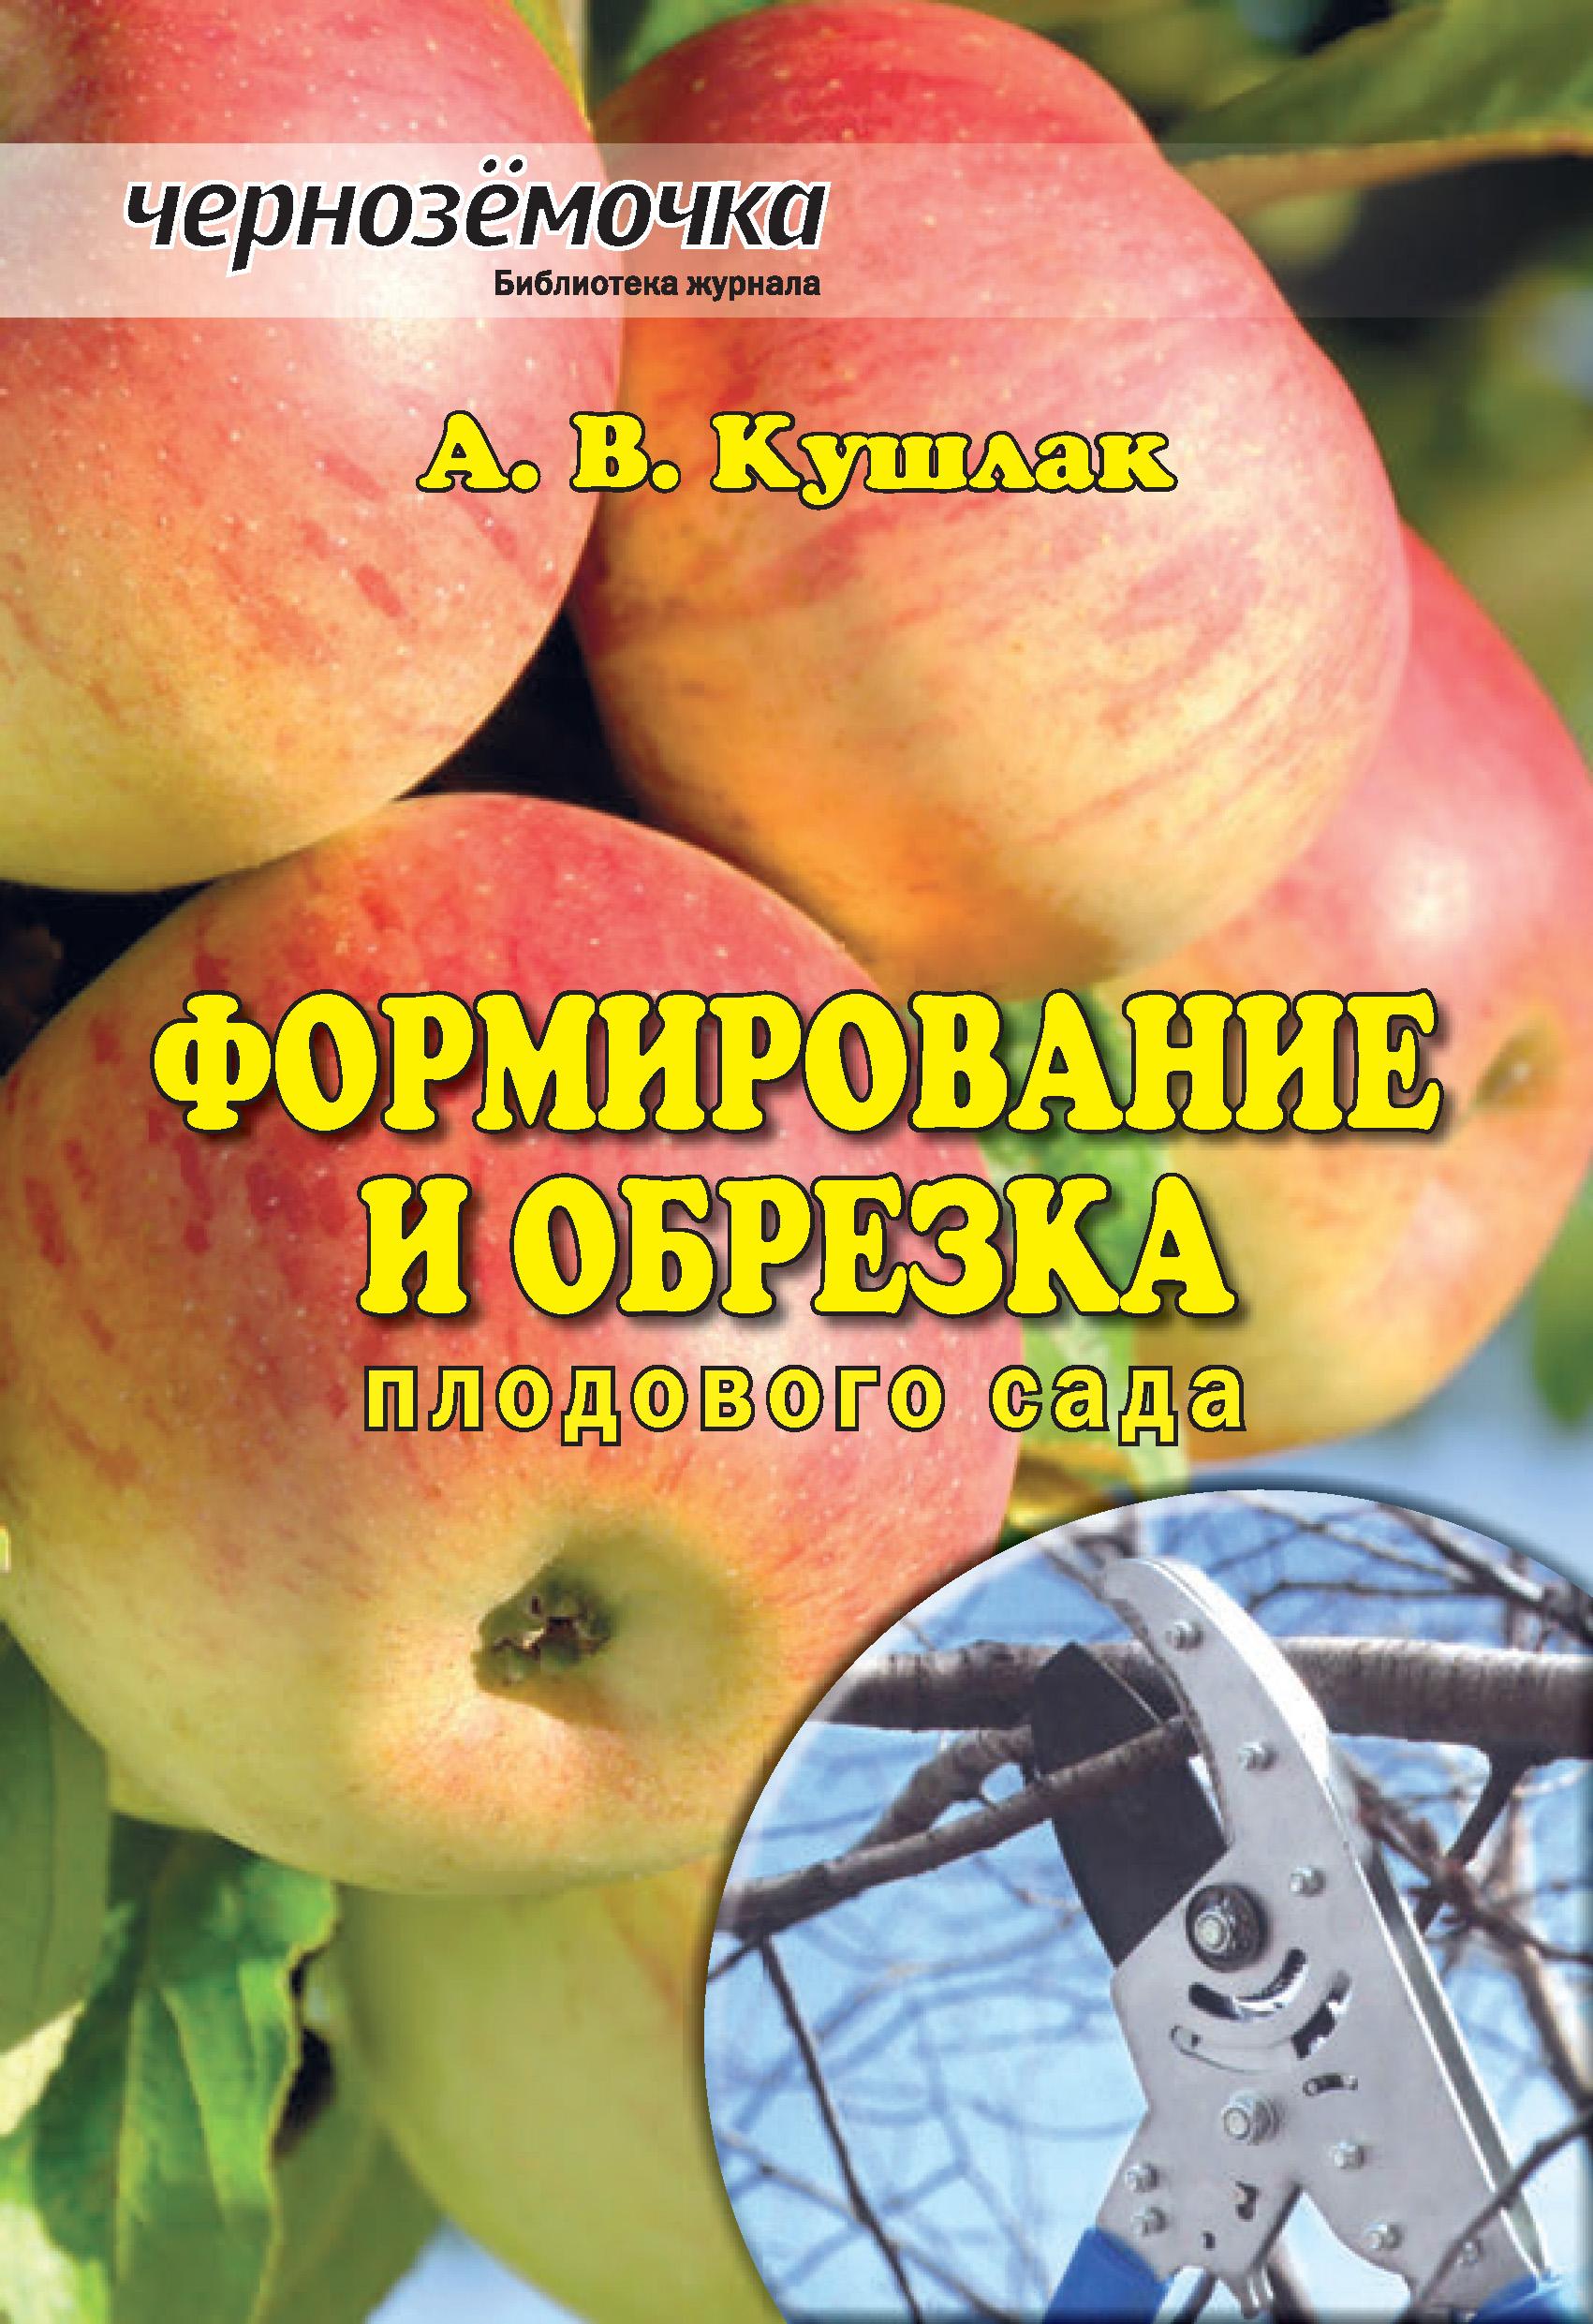 Формирование и обрезка плодового сада